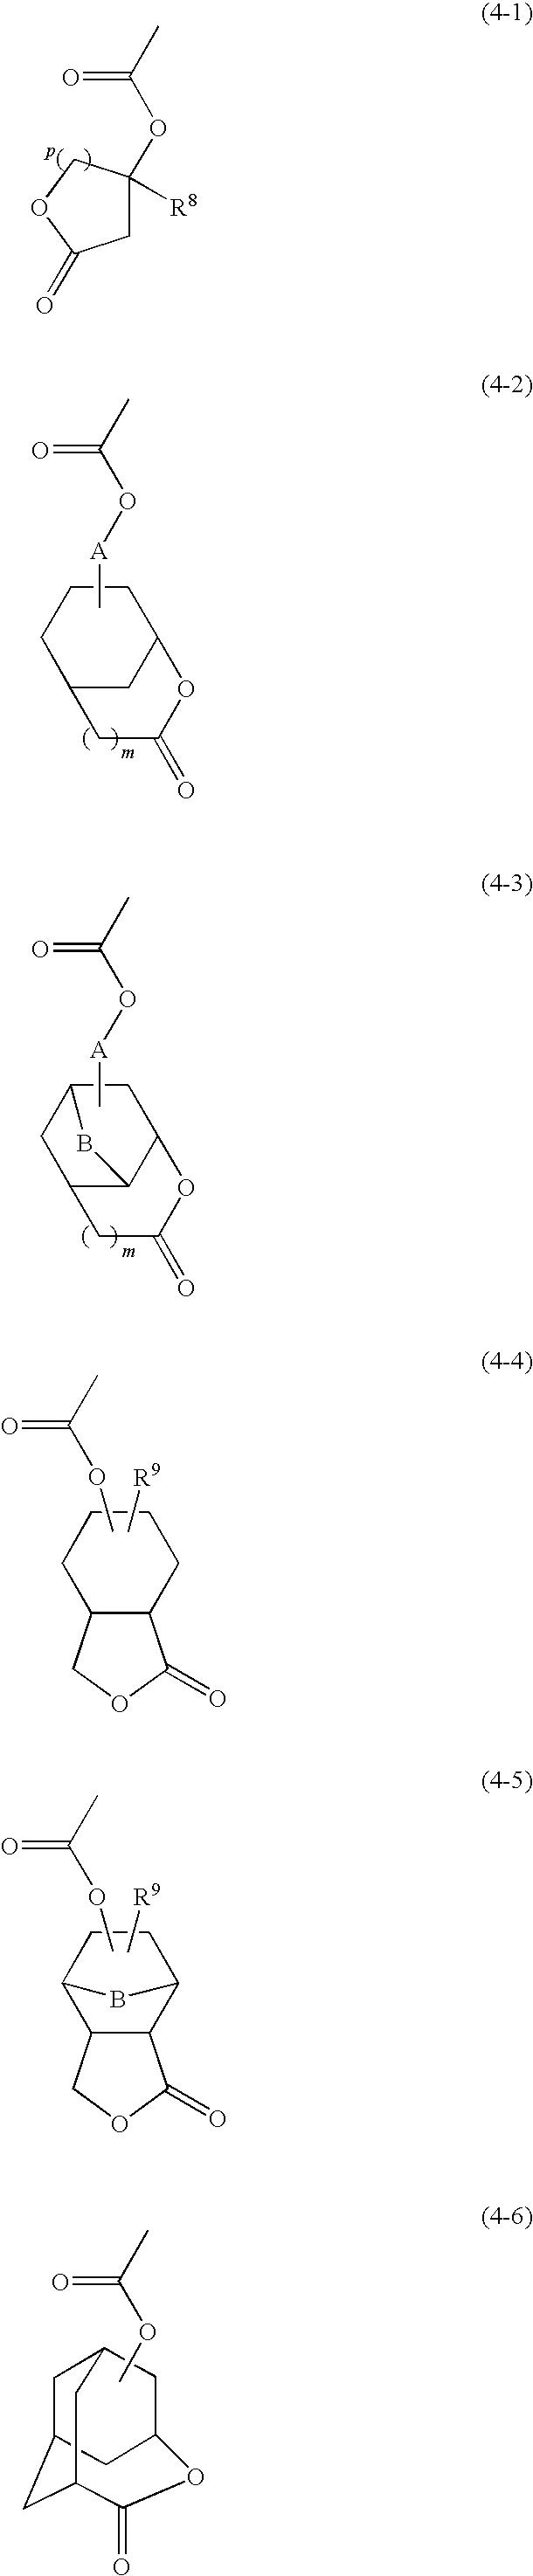 Figure US20100068650A1-20100318-C00005